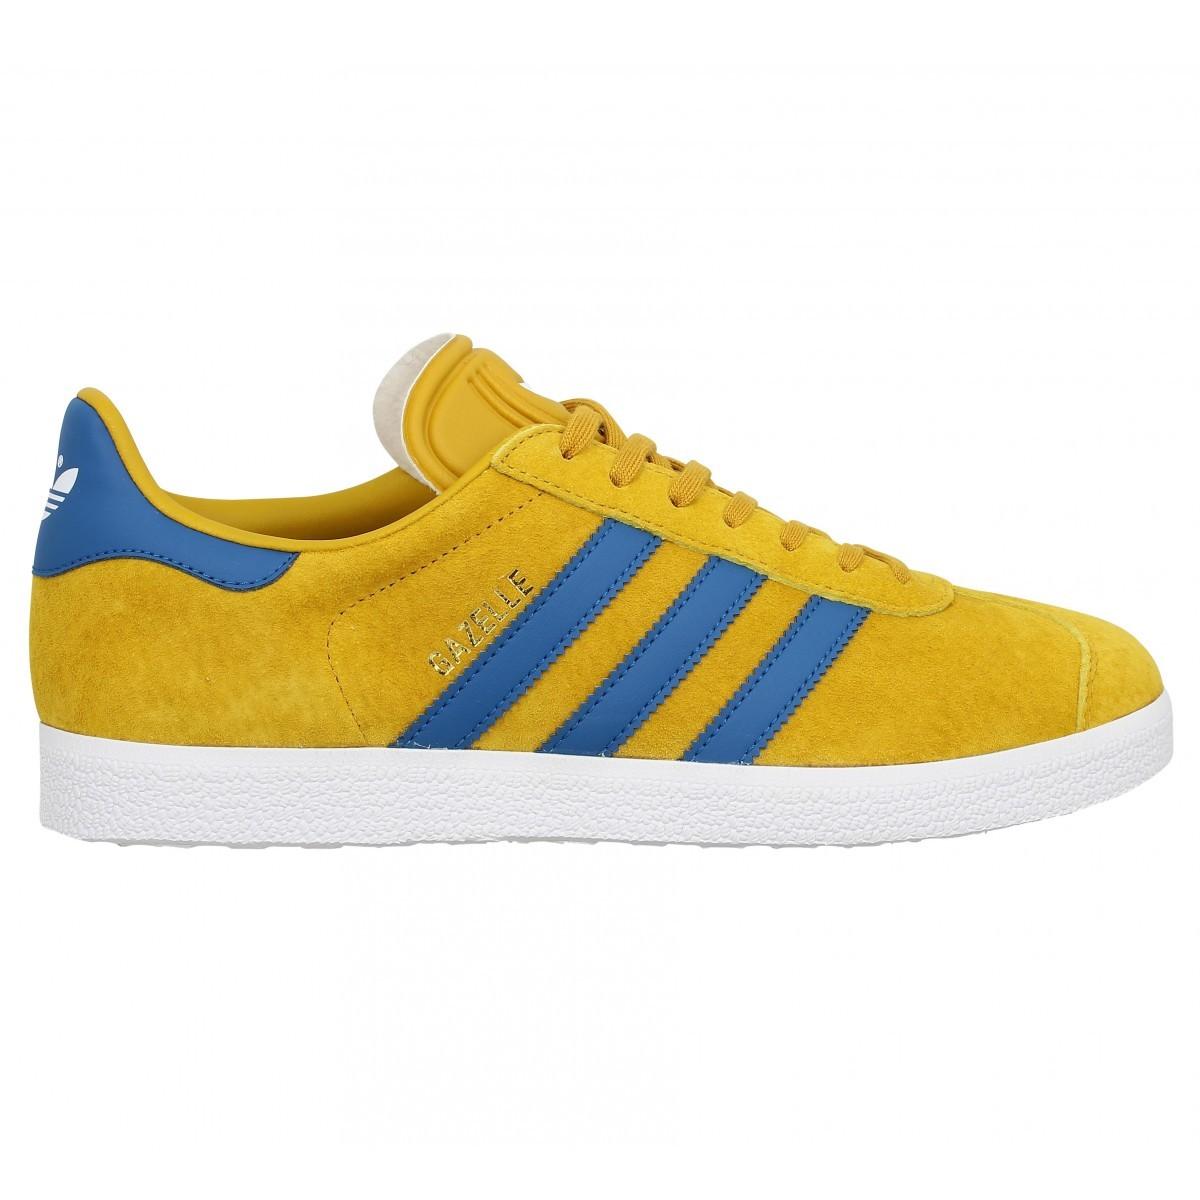 adidas gazelle homme bleu jaune une vente de liquidation de